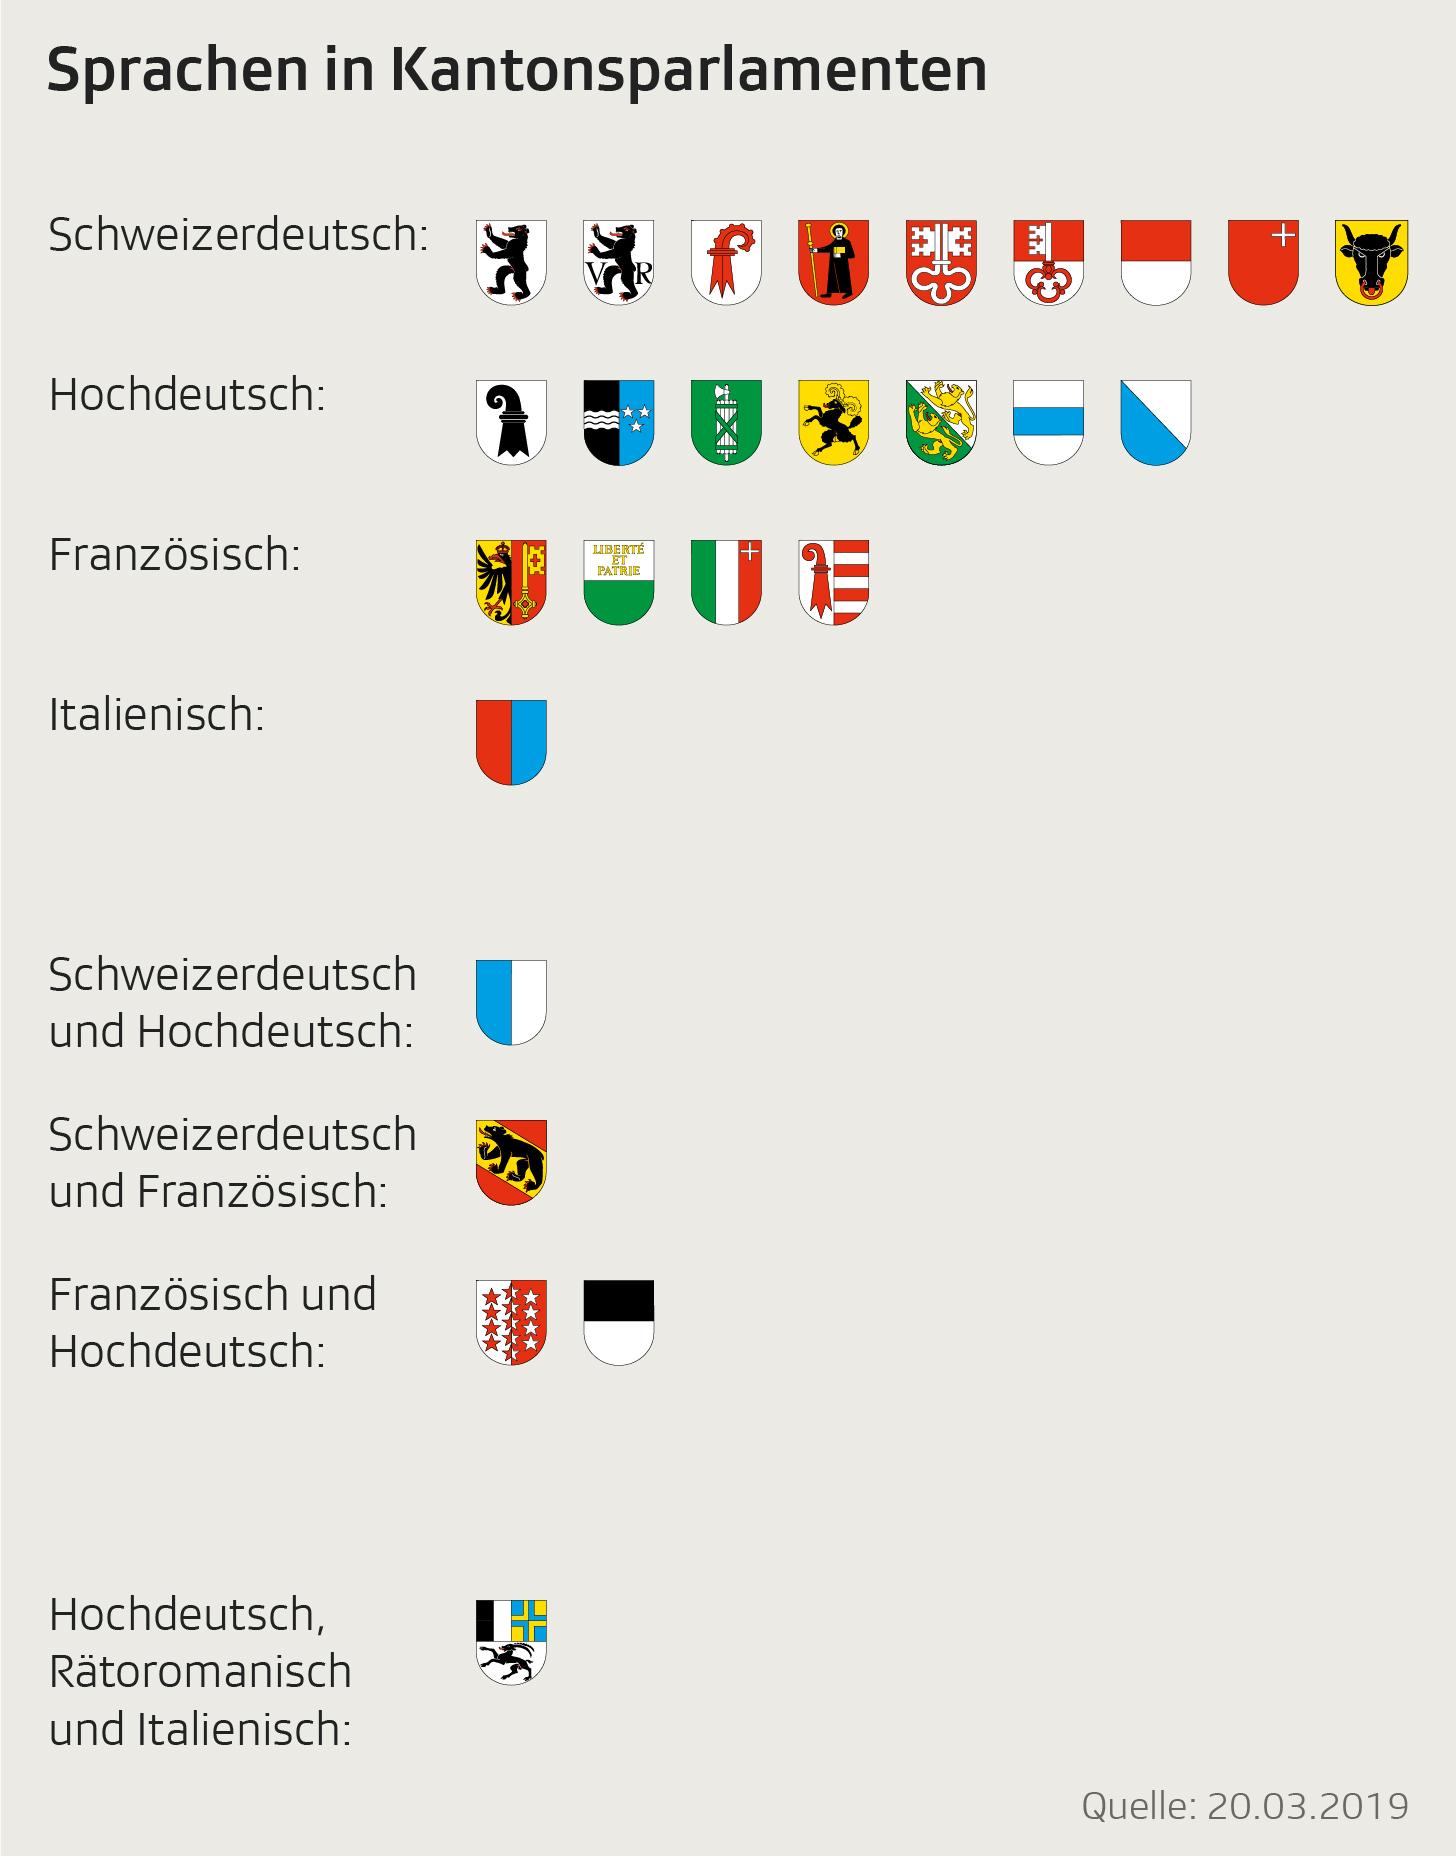 Liste zeitg, welche Sprache in den Kantonsparlamenten gesprochen wird